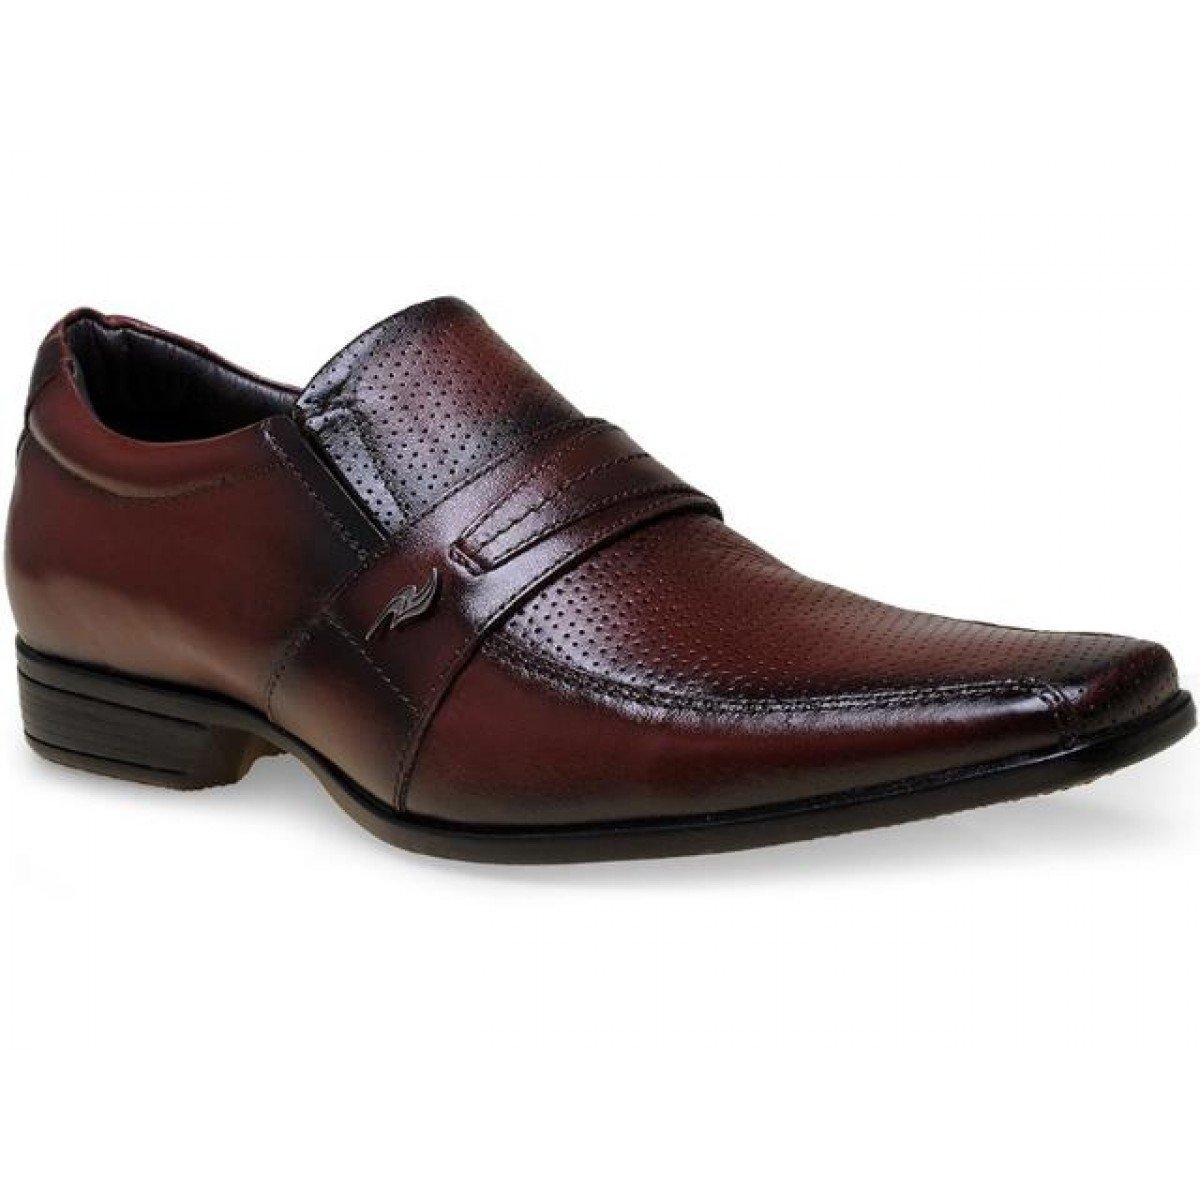 4a5957545 Sapato Social Masculino Rafarillo Couro Mogno - Compre Agora |Cabana ...